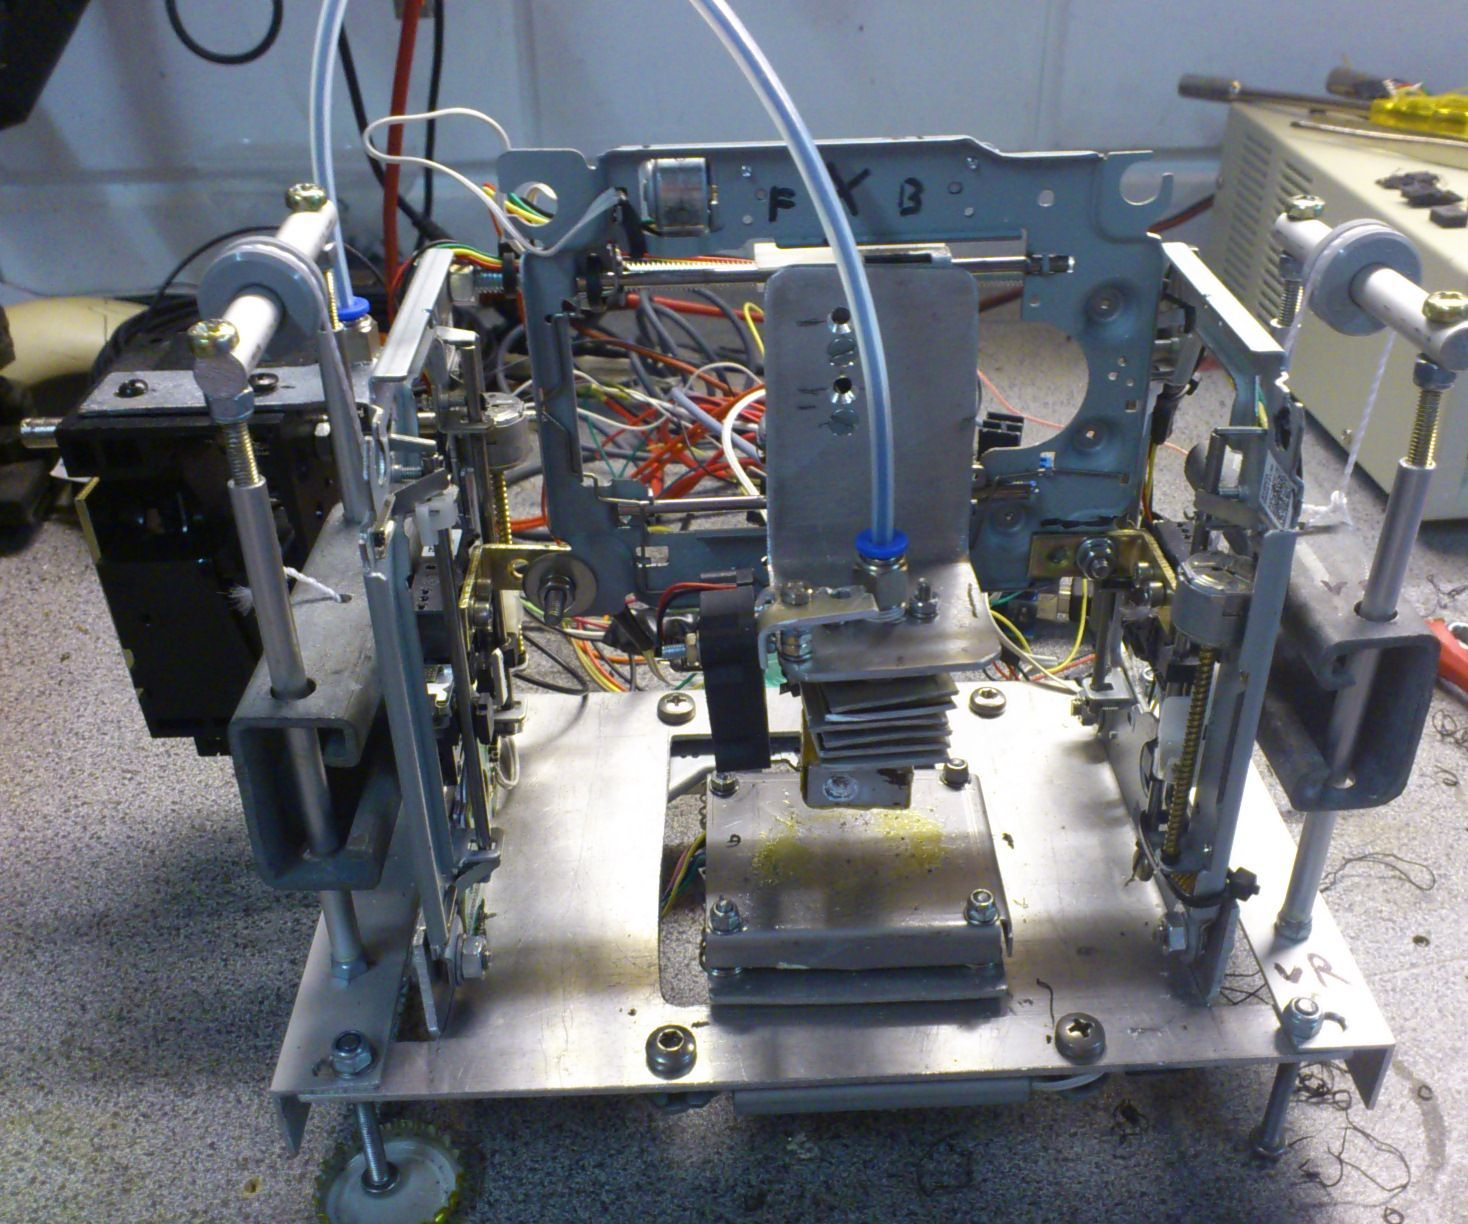 Poor Man's 3D Printer Build a 3d printer, Printer, 3d